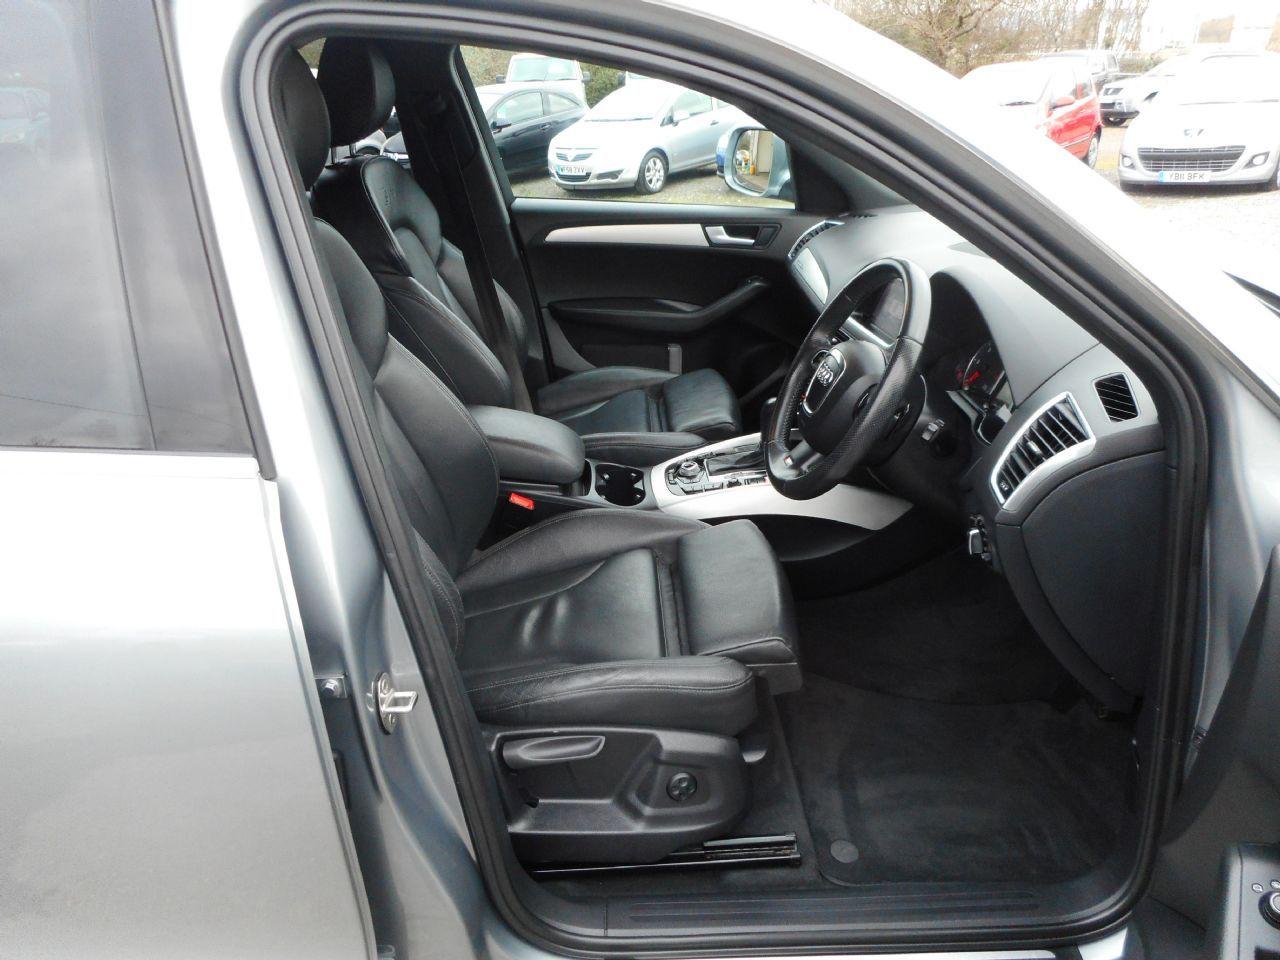 AUDI Q5 3.0 TDI quattro S line 240PS (2012) - Picture 11